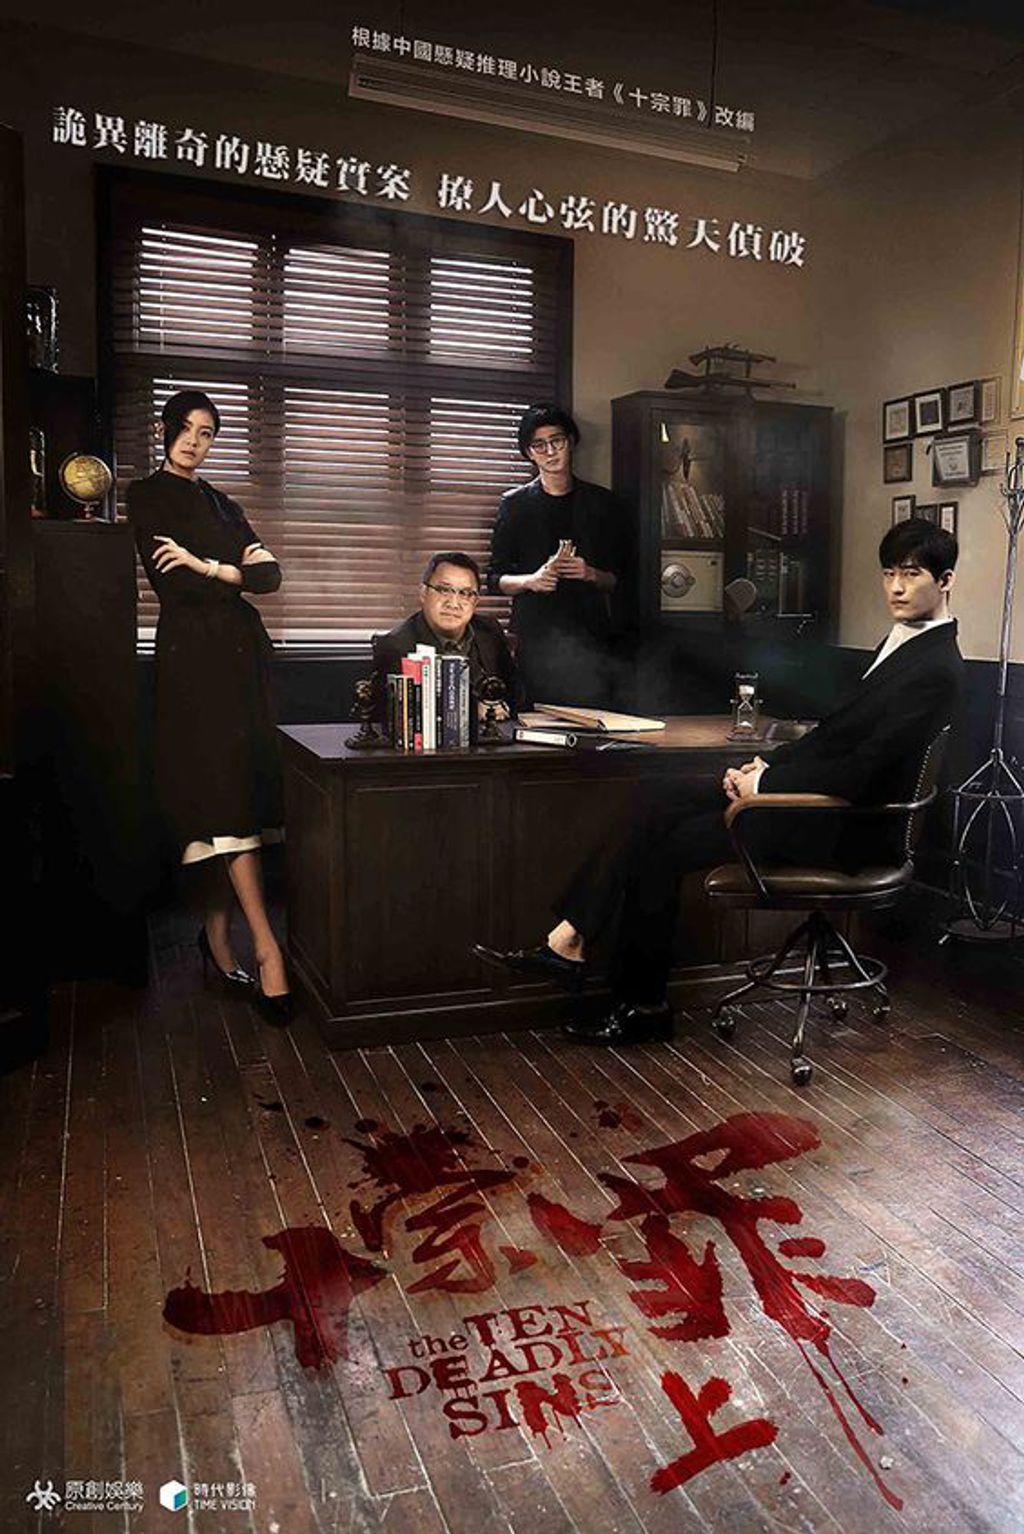 十宗罪(上)第1集|免費線上看|電影|LINE TV-精彩隨看